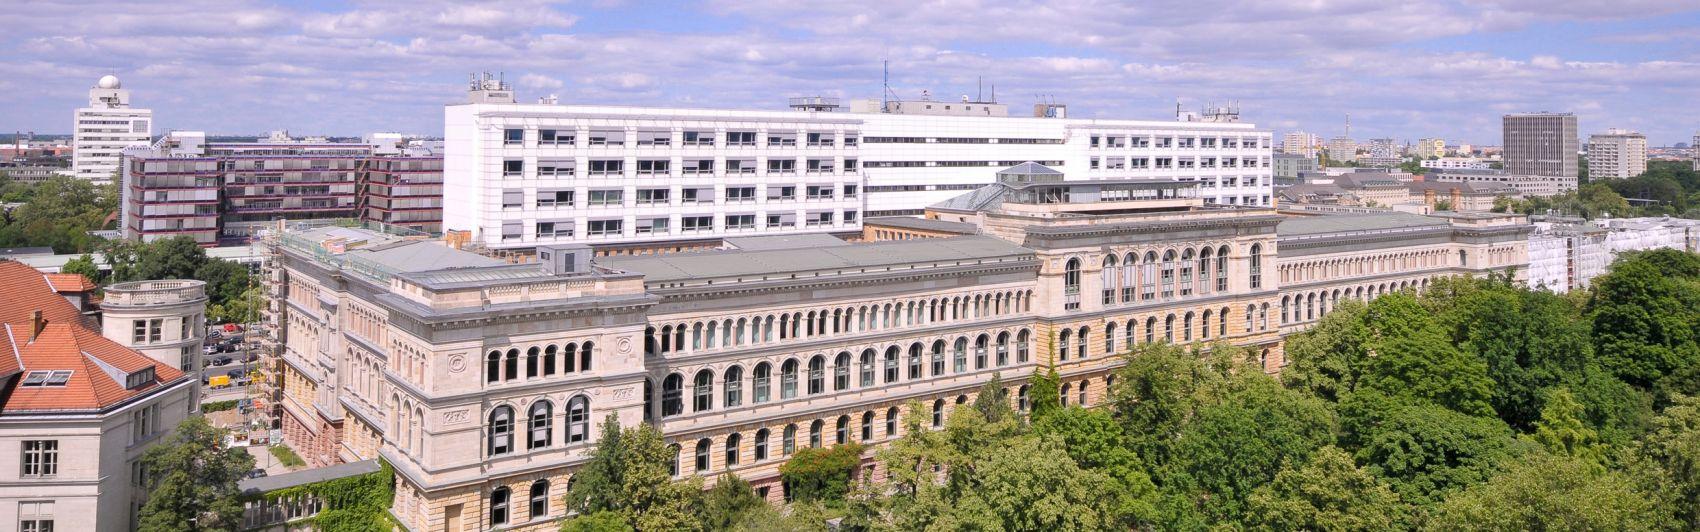 Blick vom Dach des Physik-Neubaus, Eugene-Paul-Wigner-Gebäude, auf das Hauptgebäude der Technischen Universität Berlin